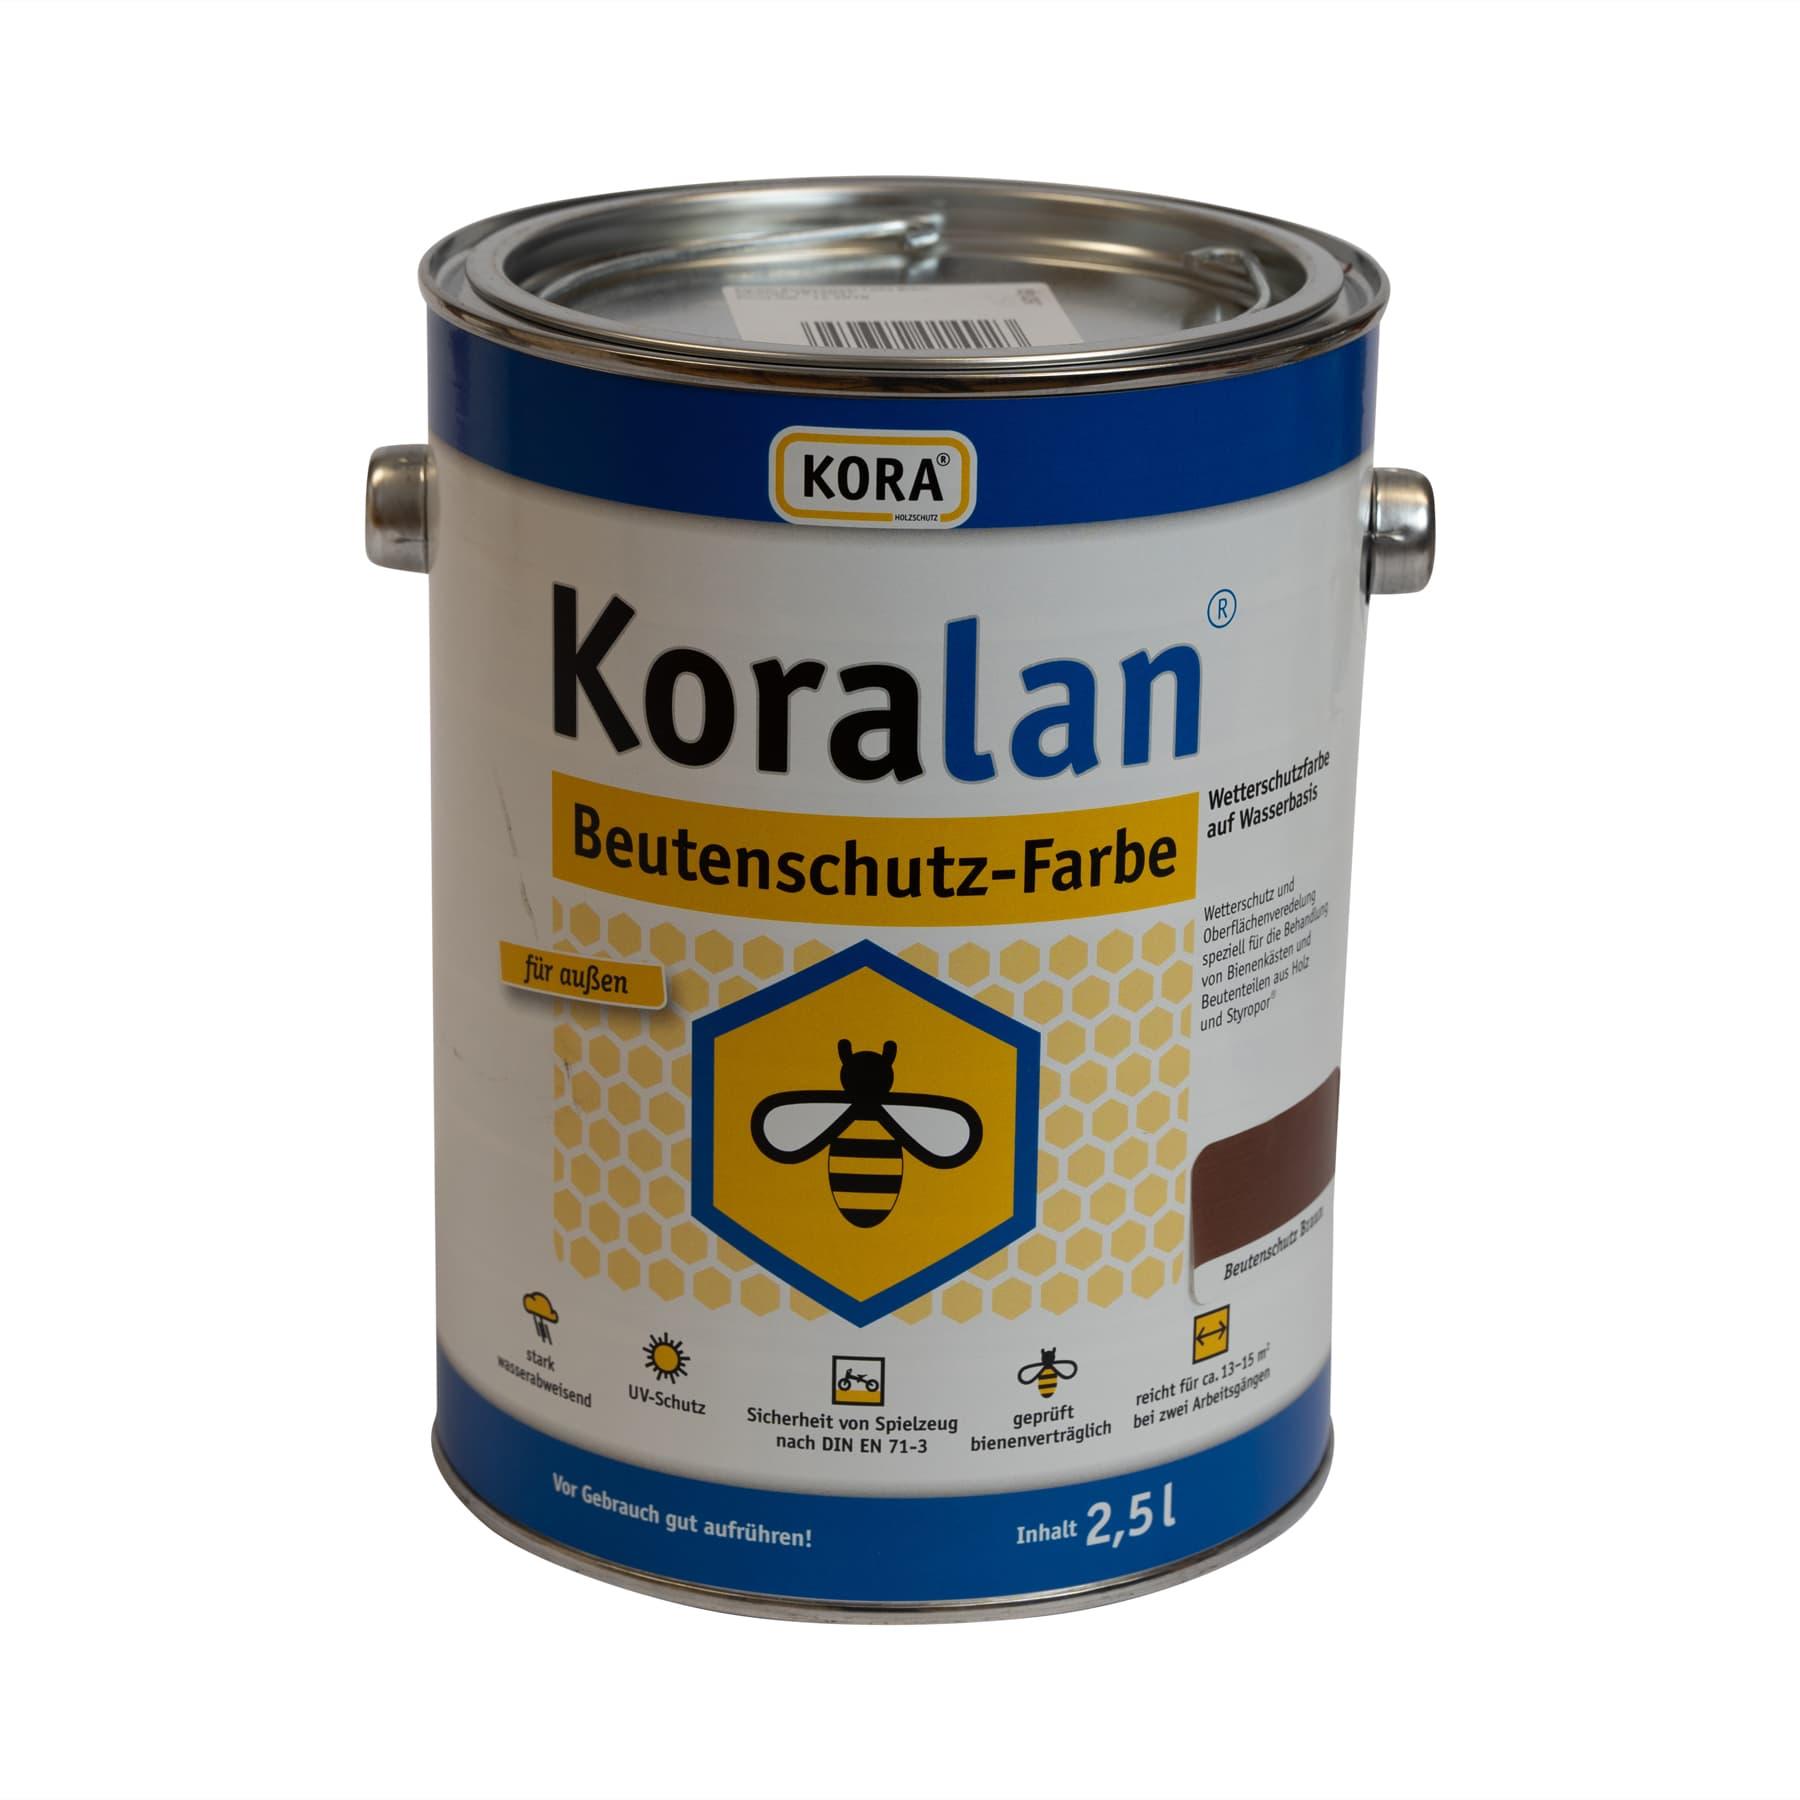 Koralan Beutenschutzlasur Nussbaum 2,5 l Eimer